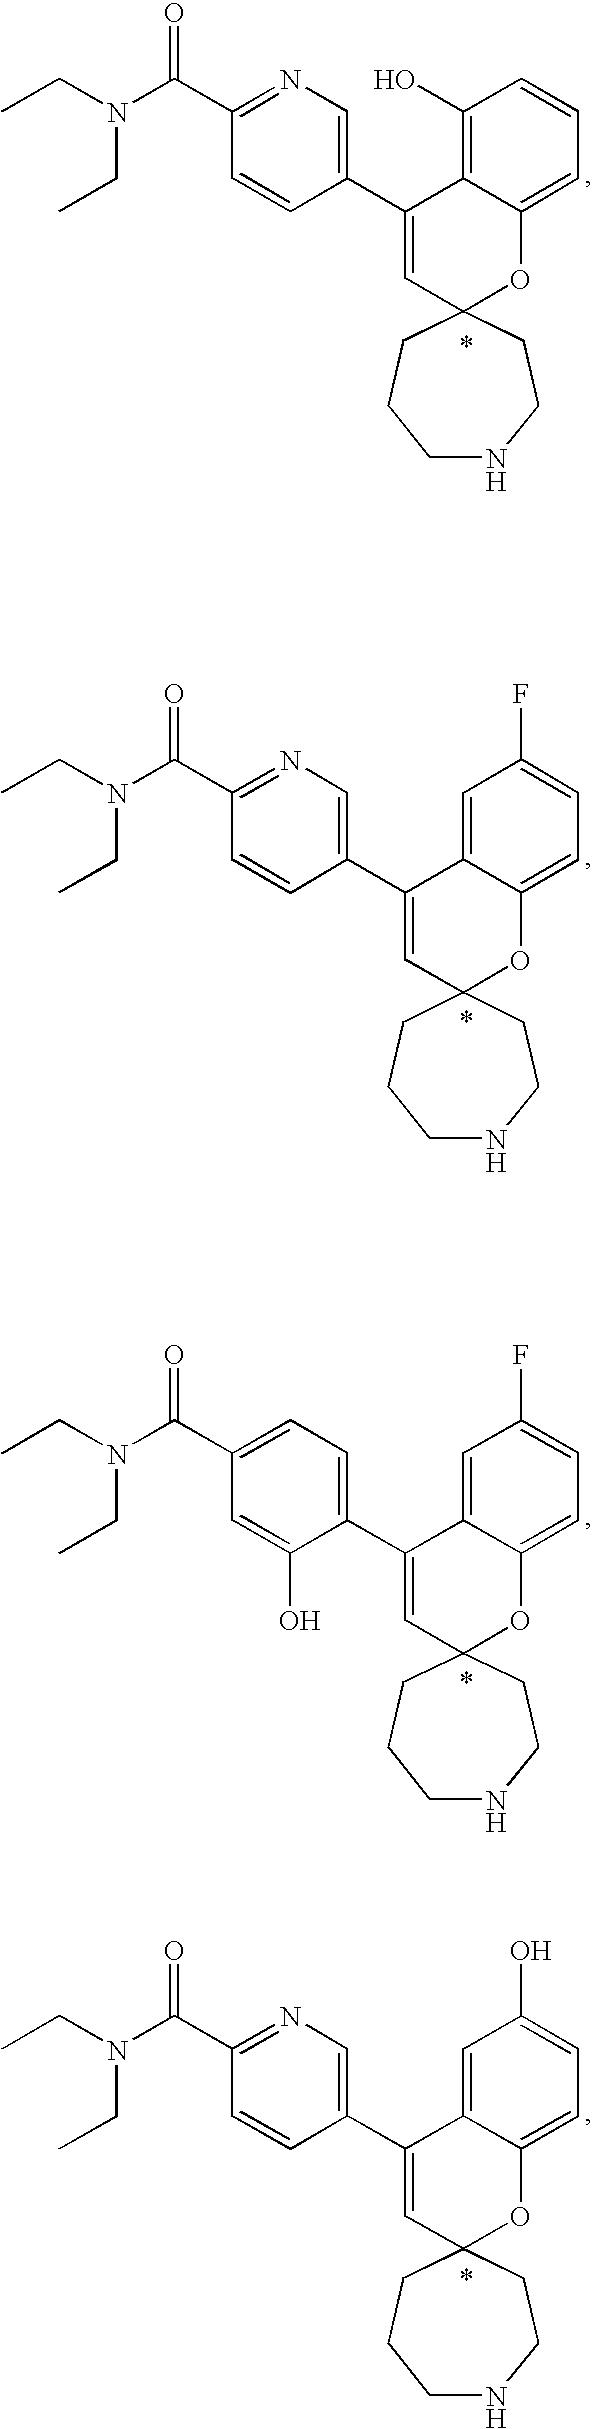 Figure US07598261-20091006-C00041